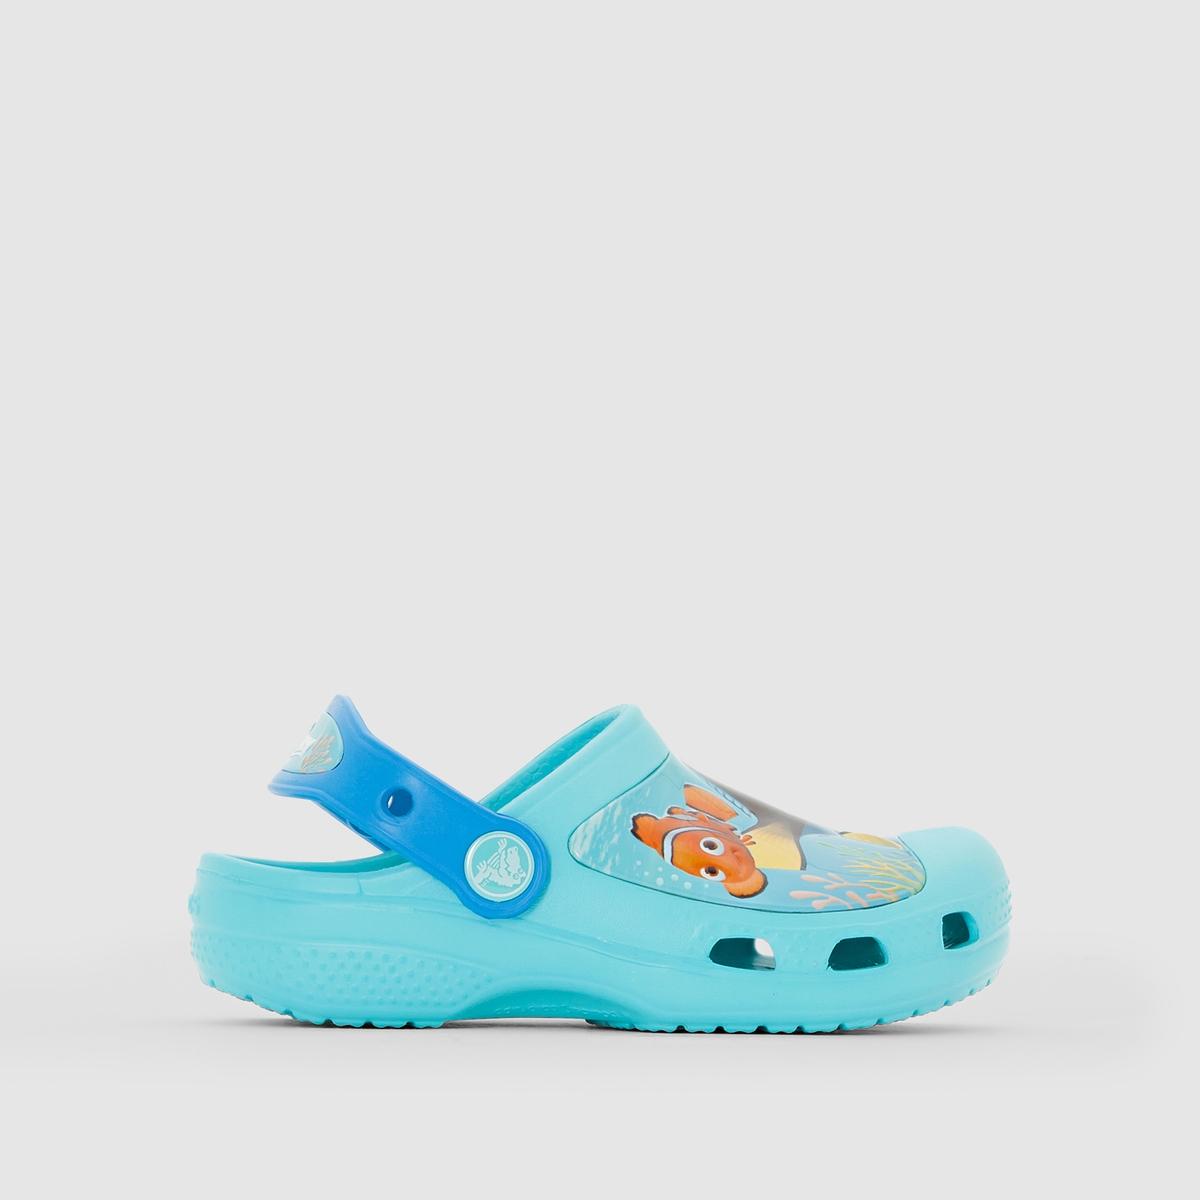 Сабо CROCS CC FINDING DORY CLOG KВесь комфорт обуви Crocs с изображением любимого персонажа : ваш ребенок не захочет с ними расставаться !<br><br>Цвет: бирюзовый/рисунок<br>Размер: 22/24